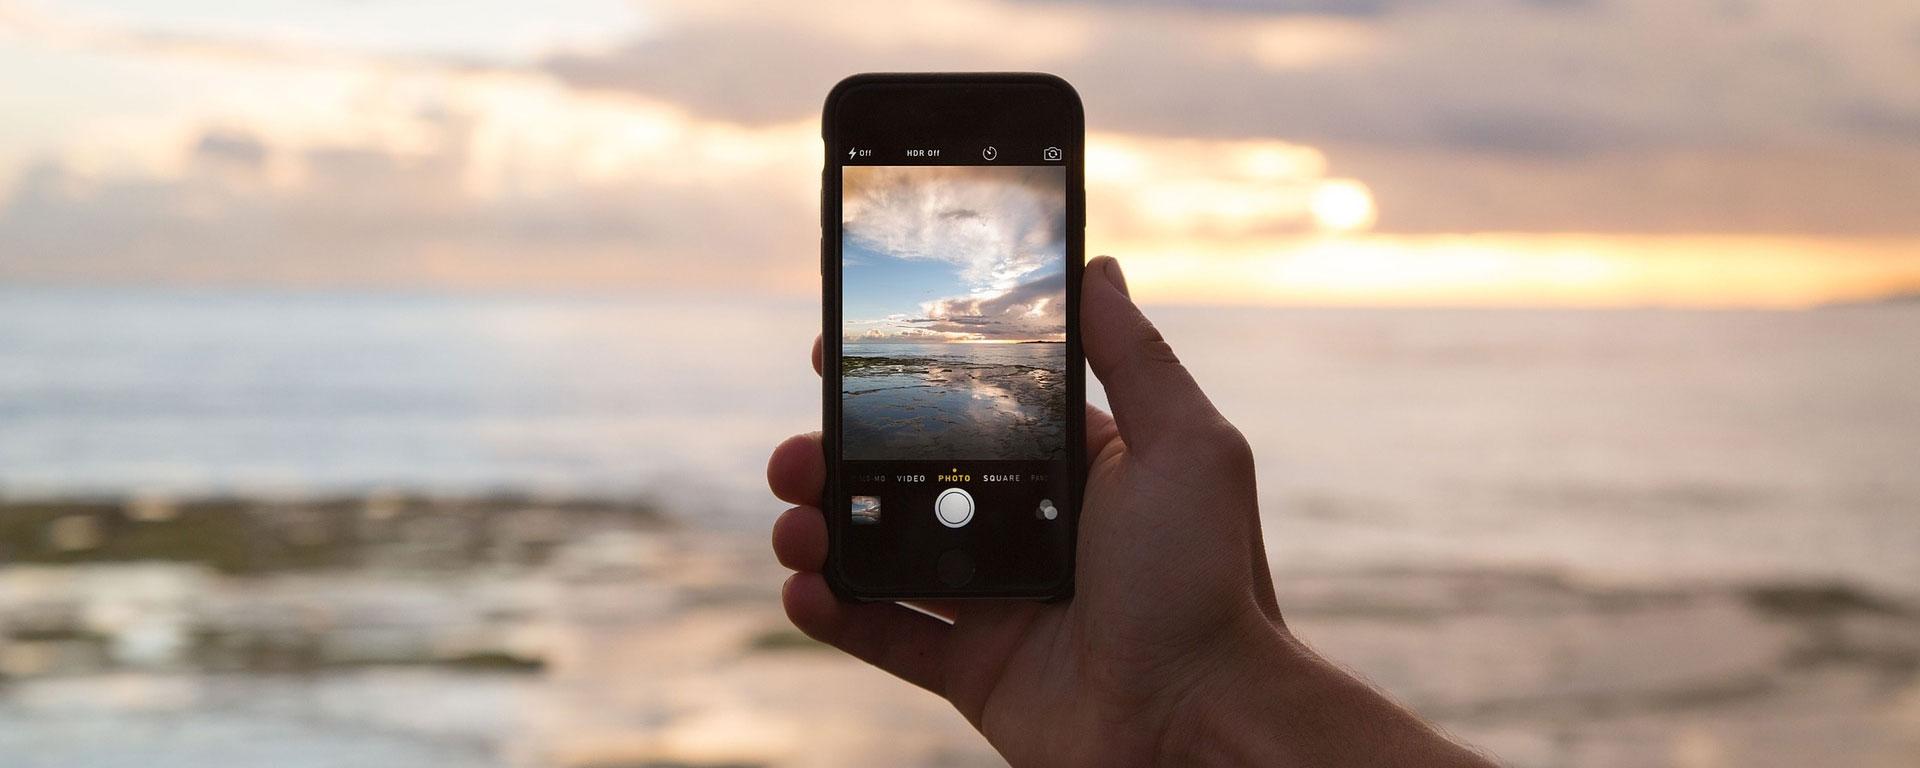 Test av telefonladdare 2020, se vilken som blev bäst Test.se